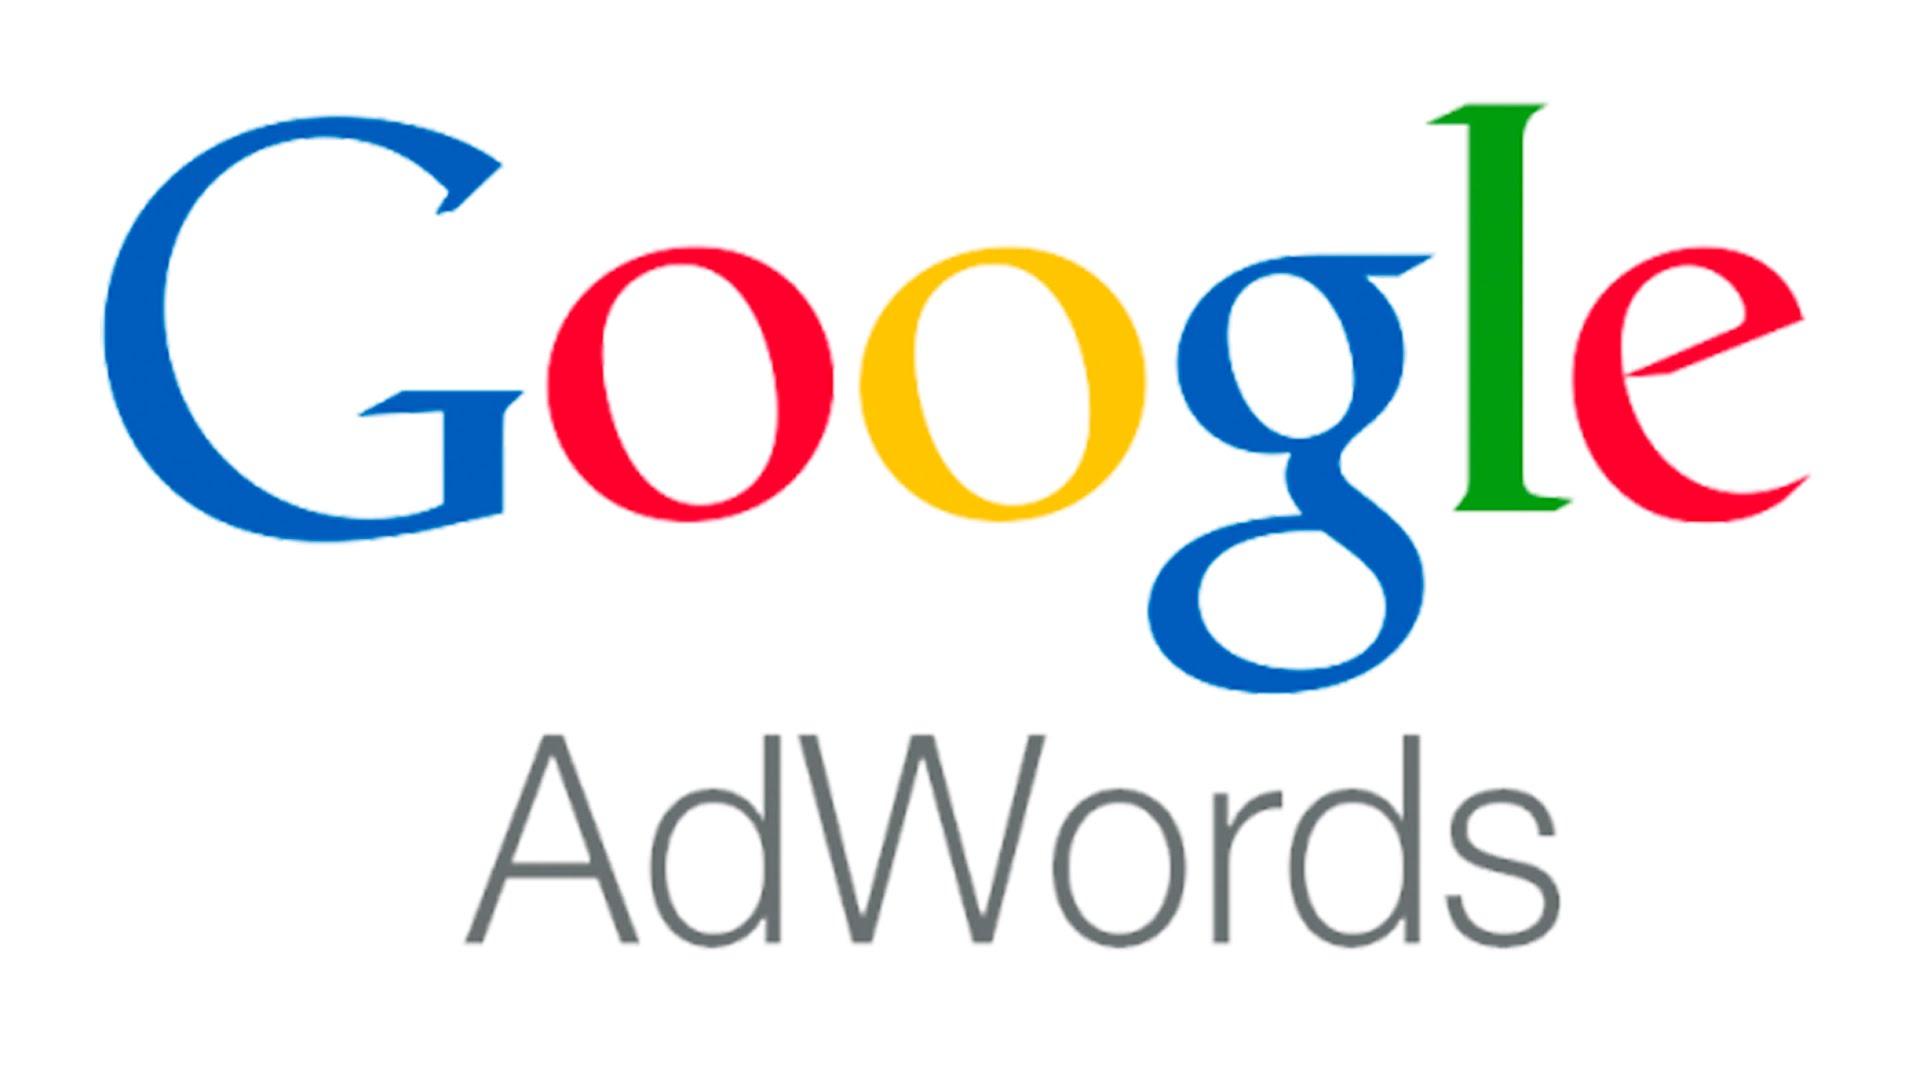 Perchè è utile la campagna pubblicitaria sui motori di ricerca con Adwords di Google